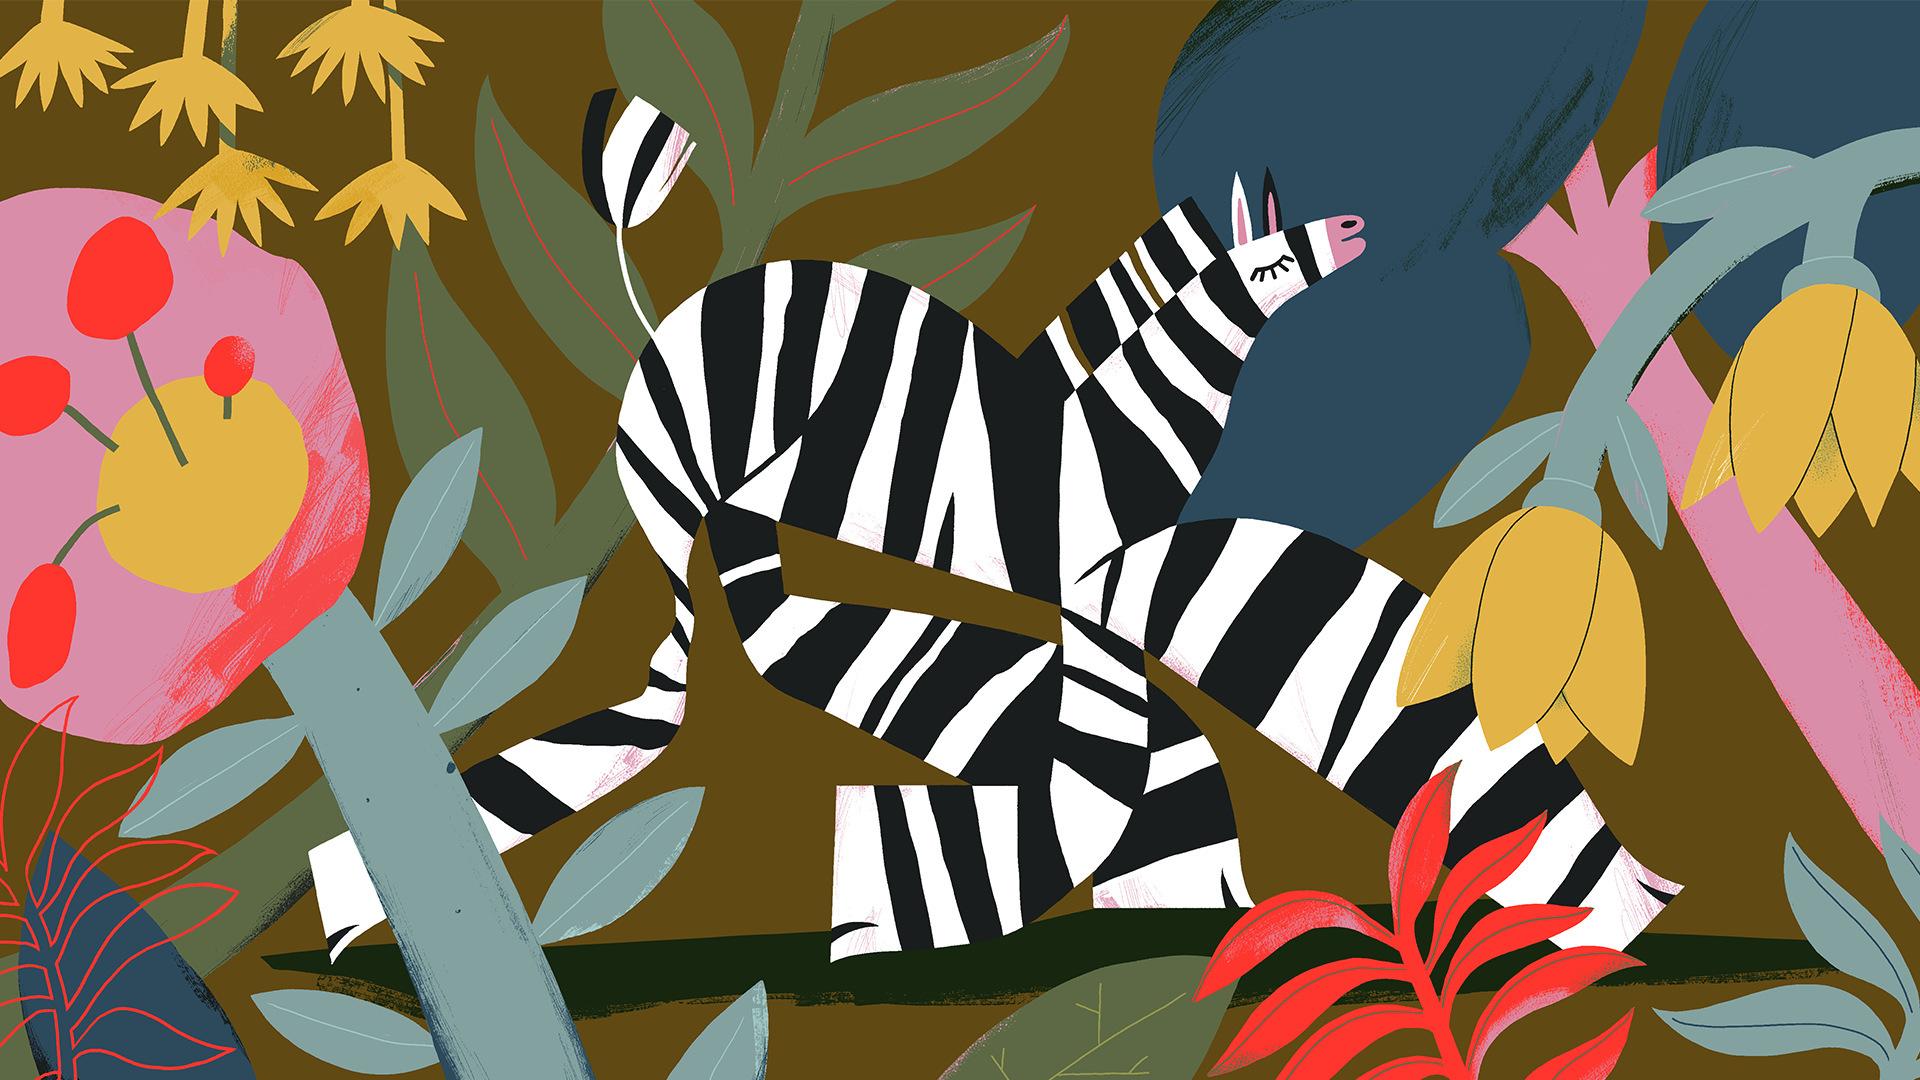 Illustration by Mãra Drozdova